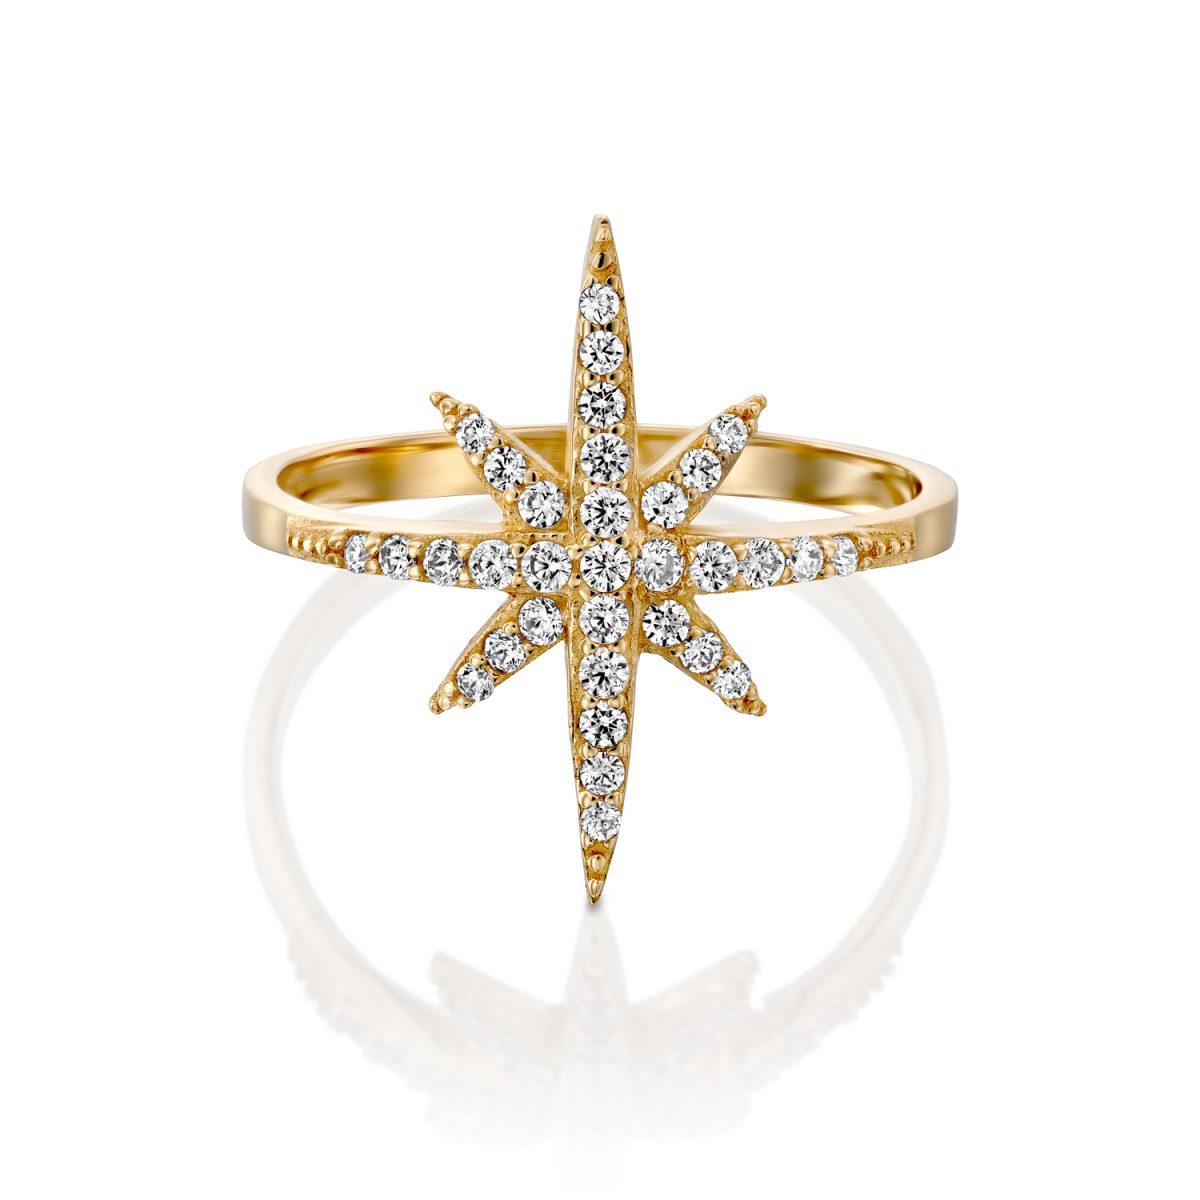 טבעת זהב - ניצוץ